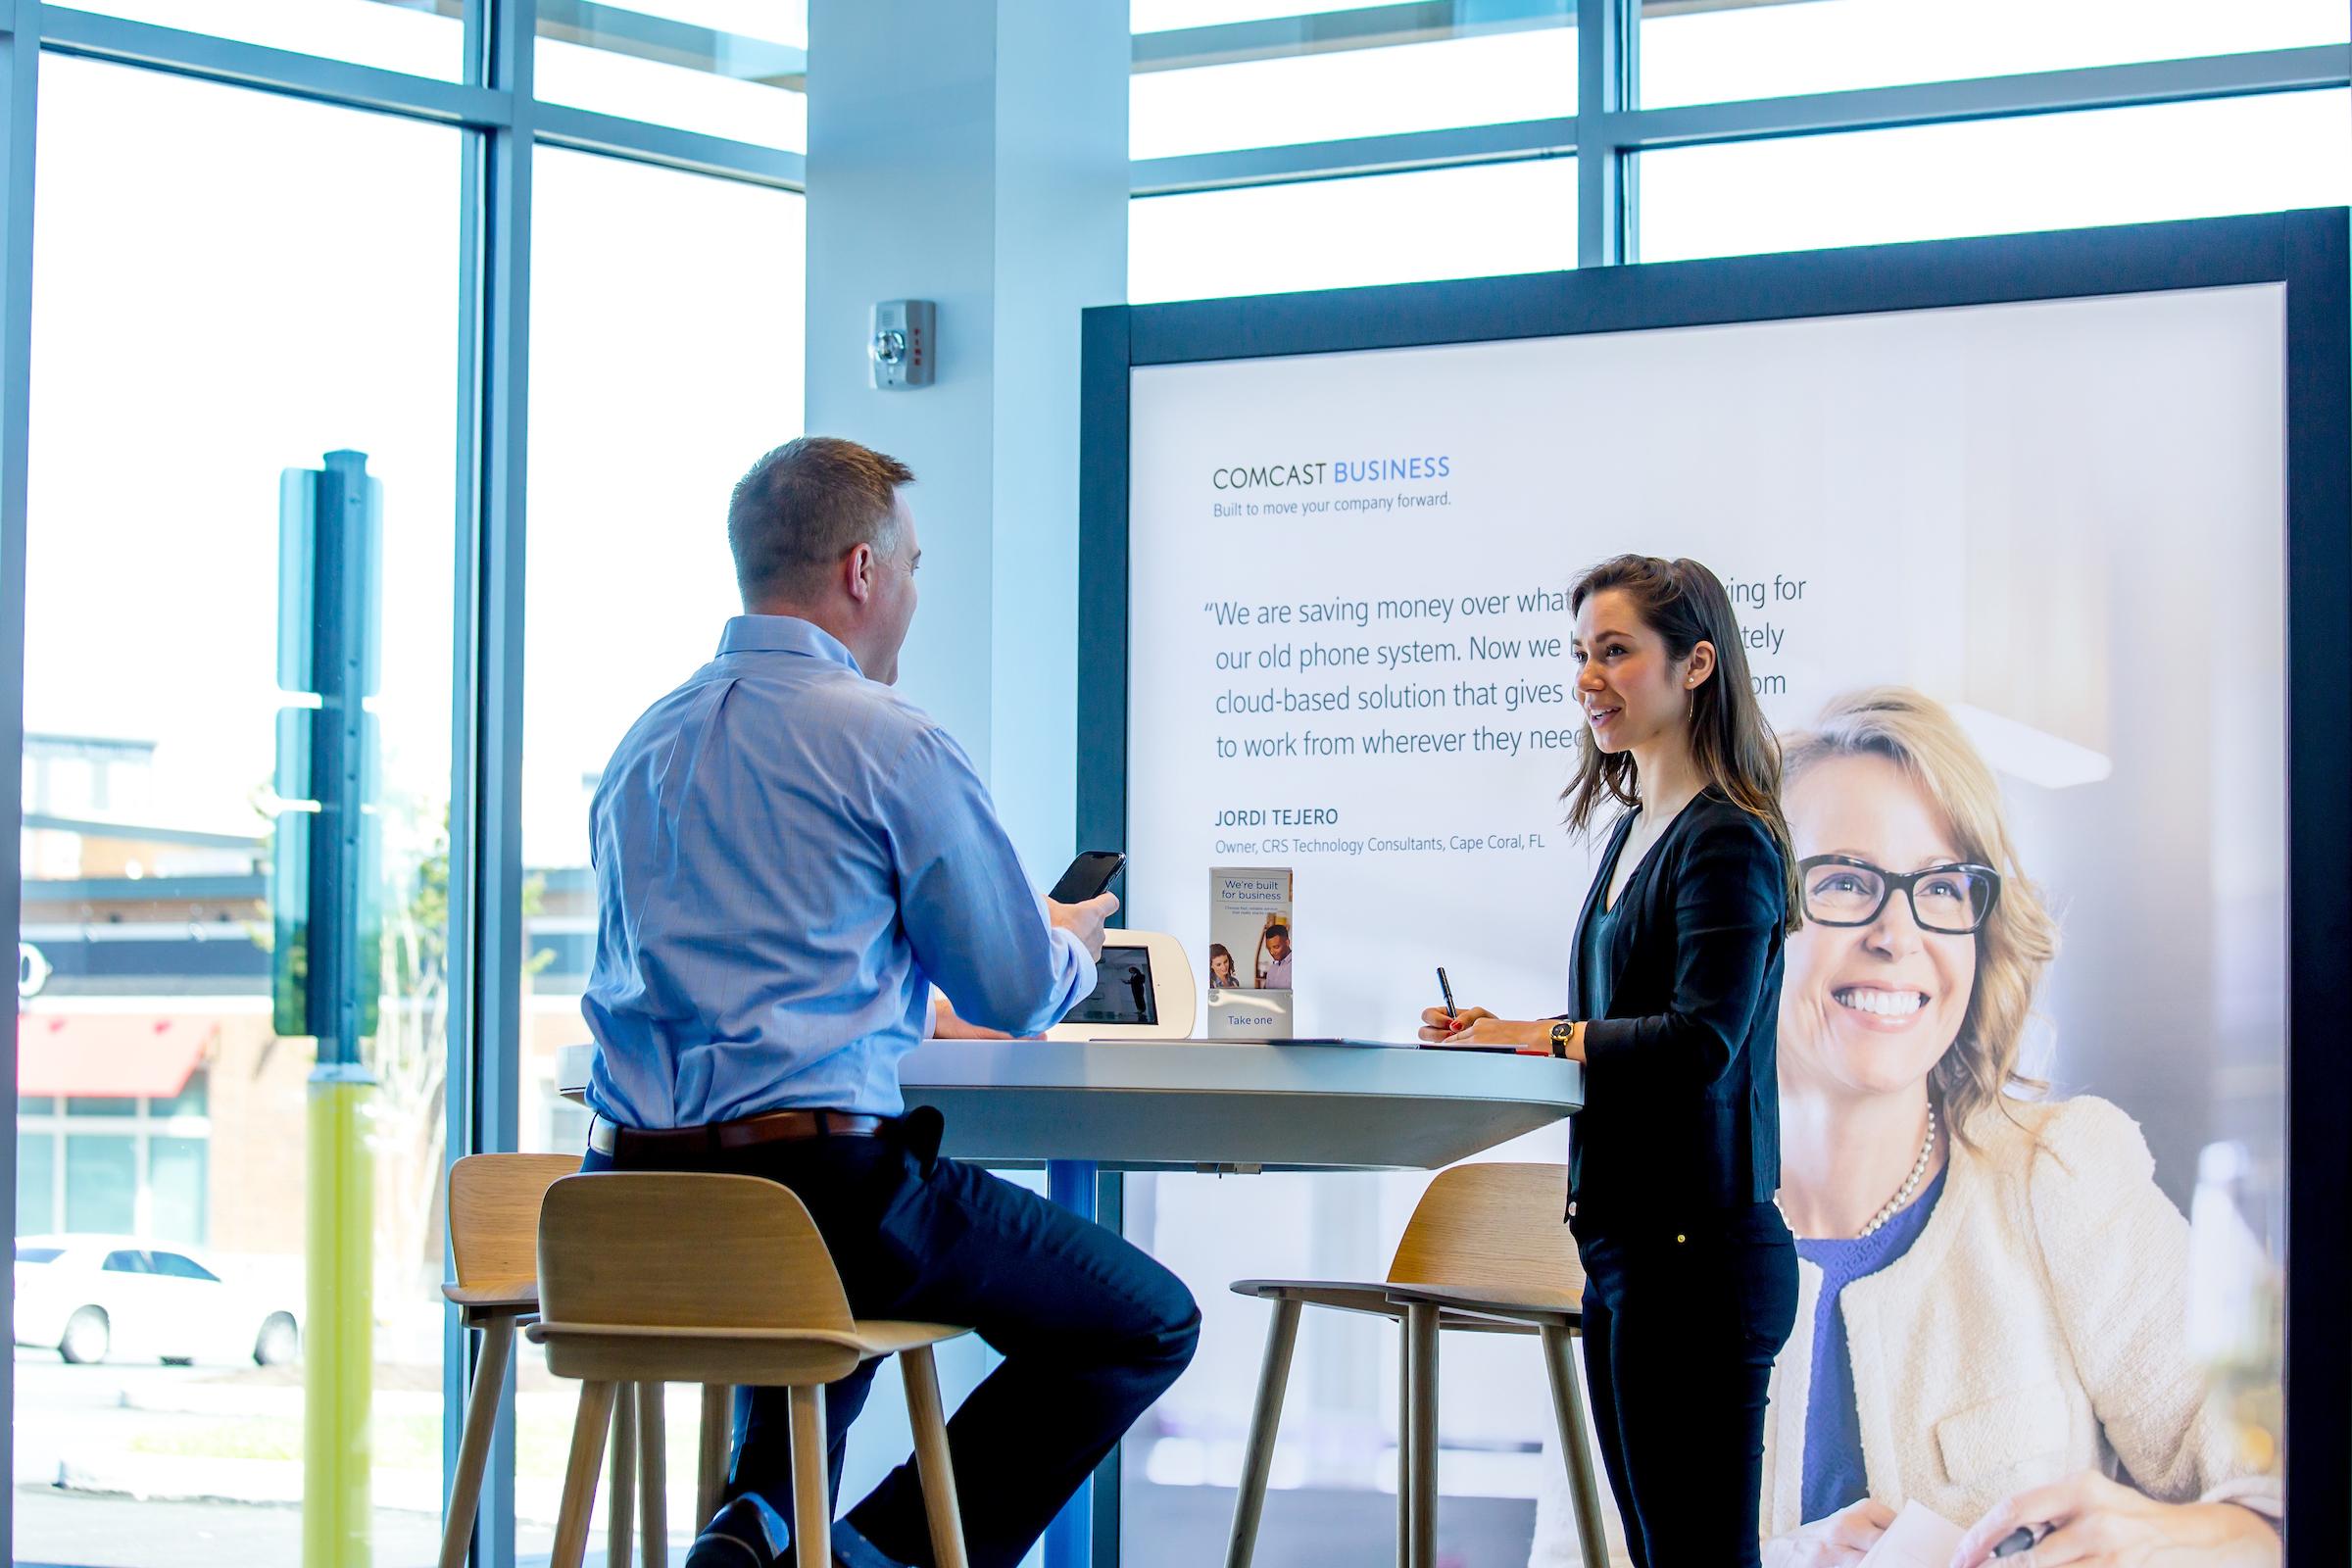 Comcast Business consultation inside store